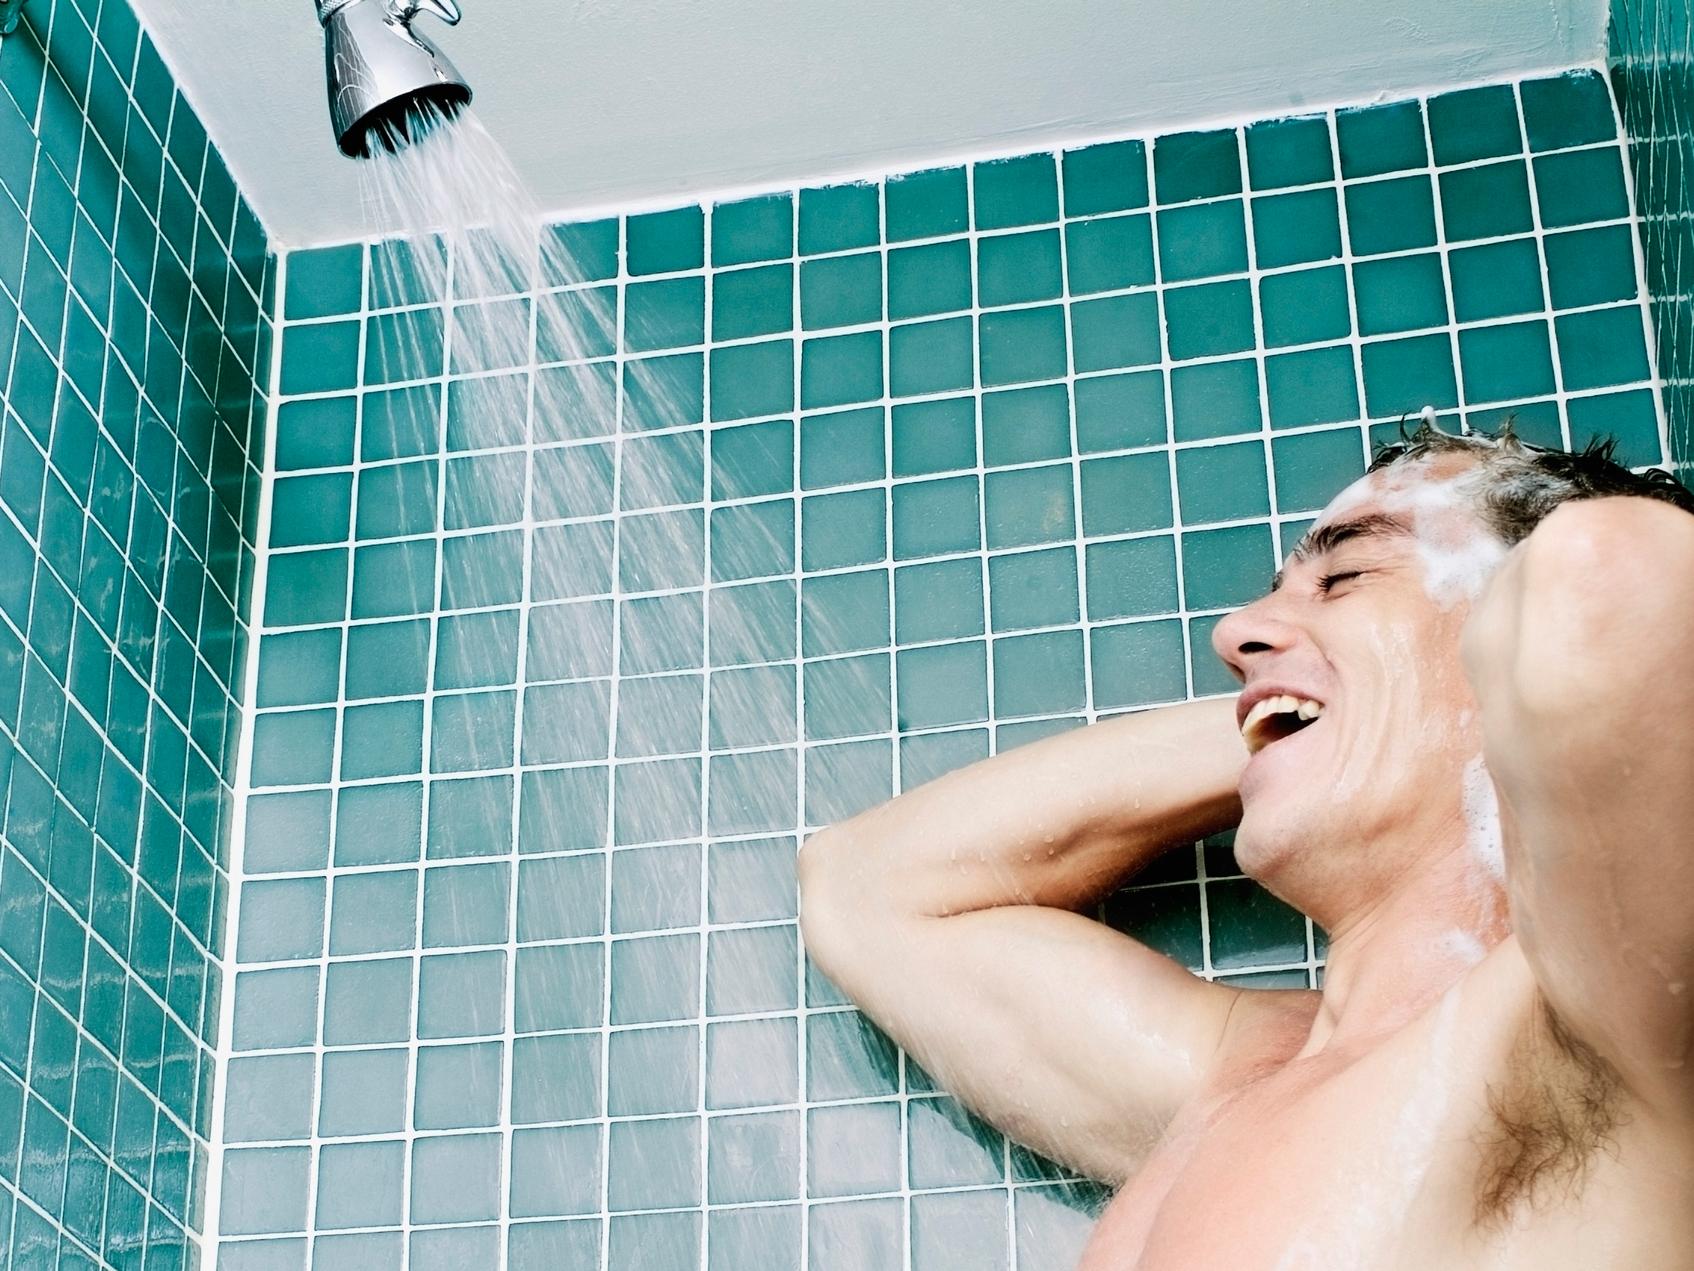 мой друг под душем фото лёгкой